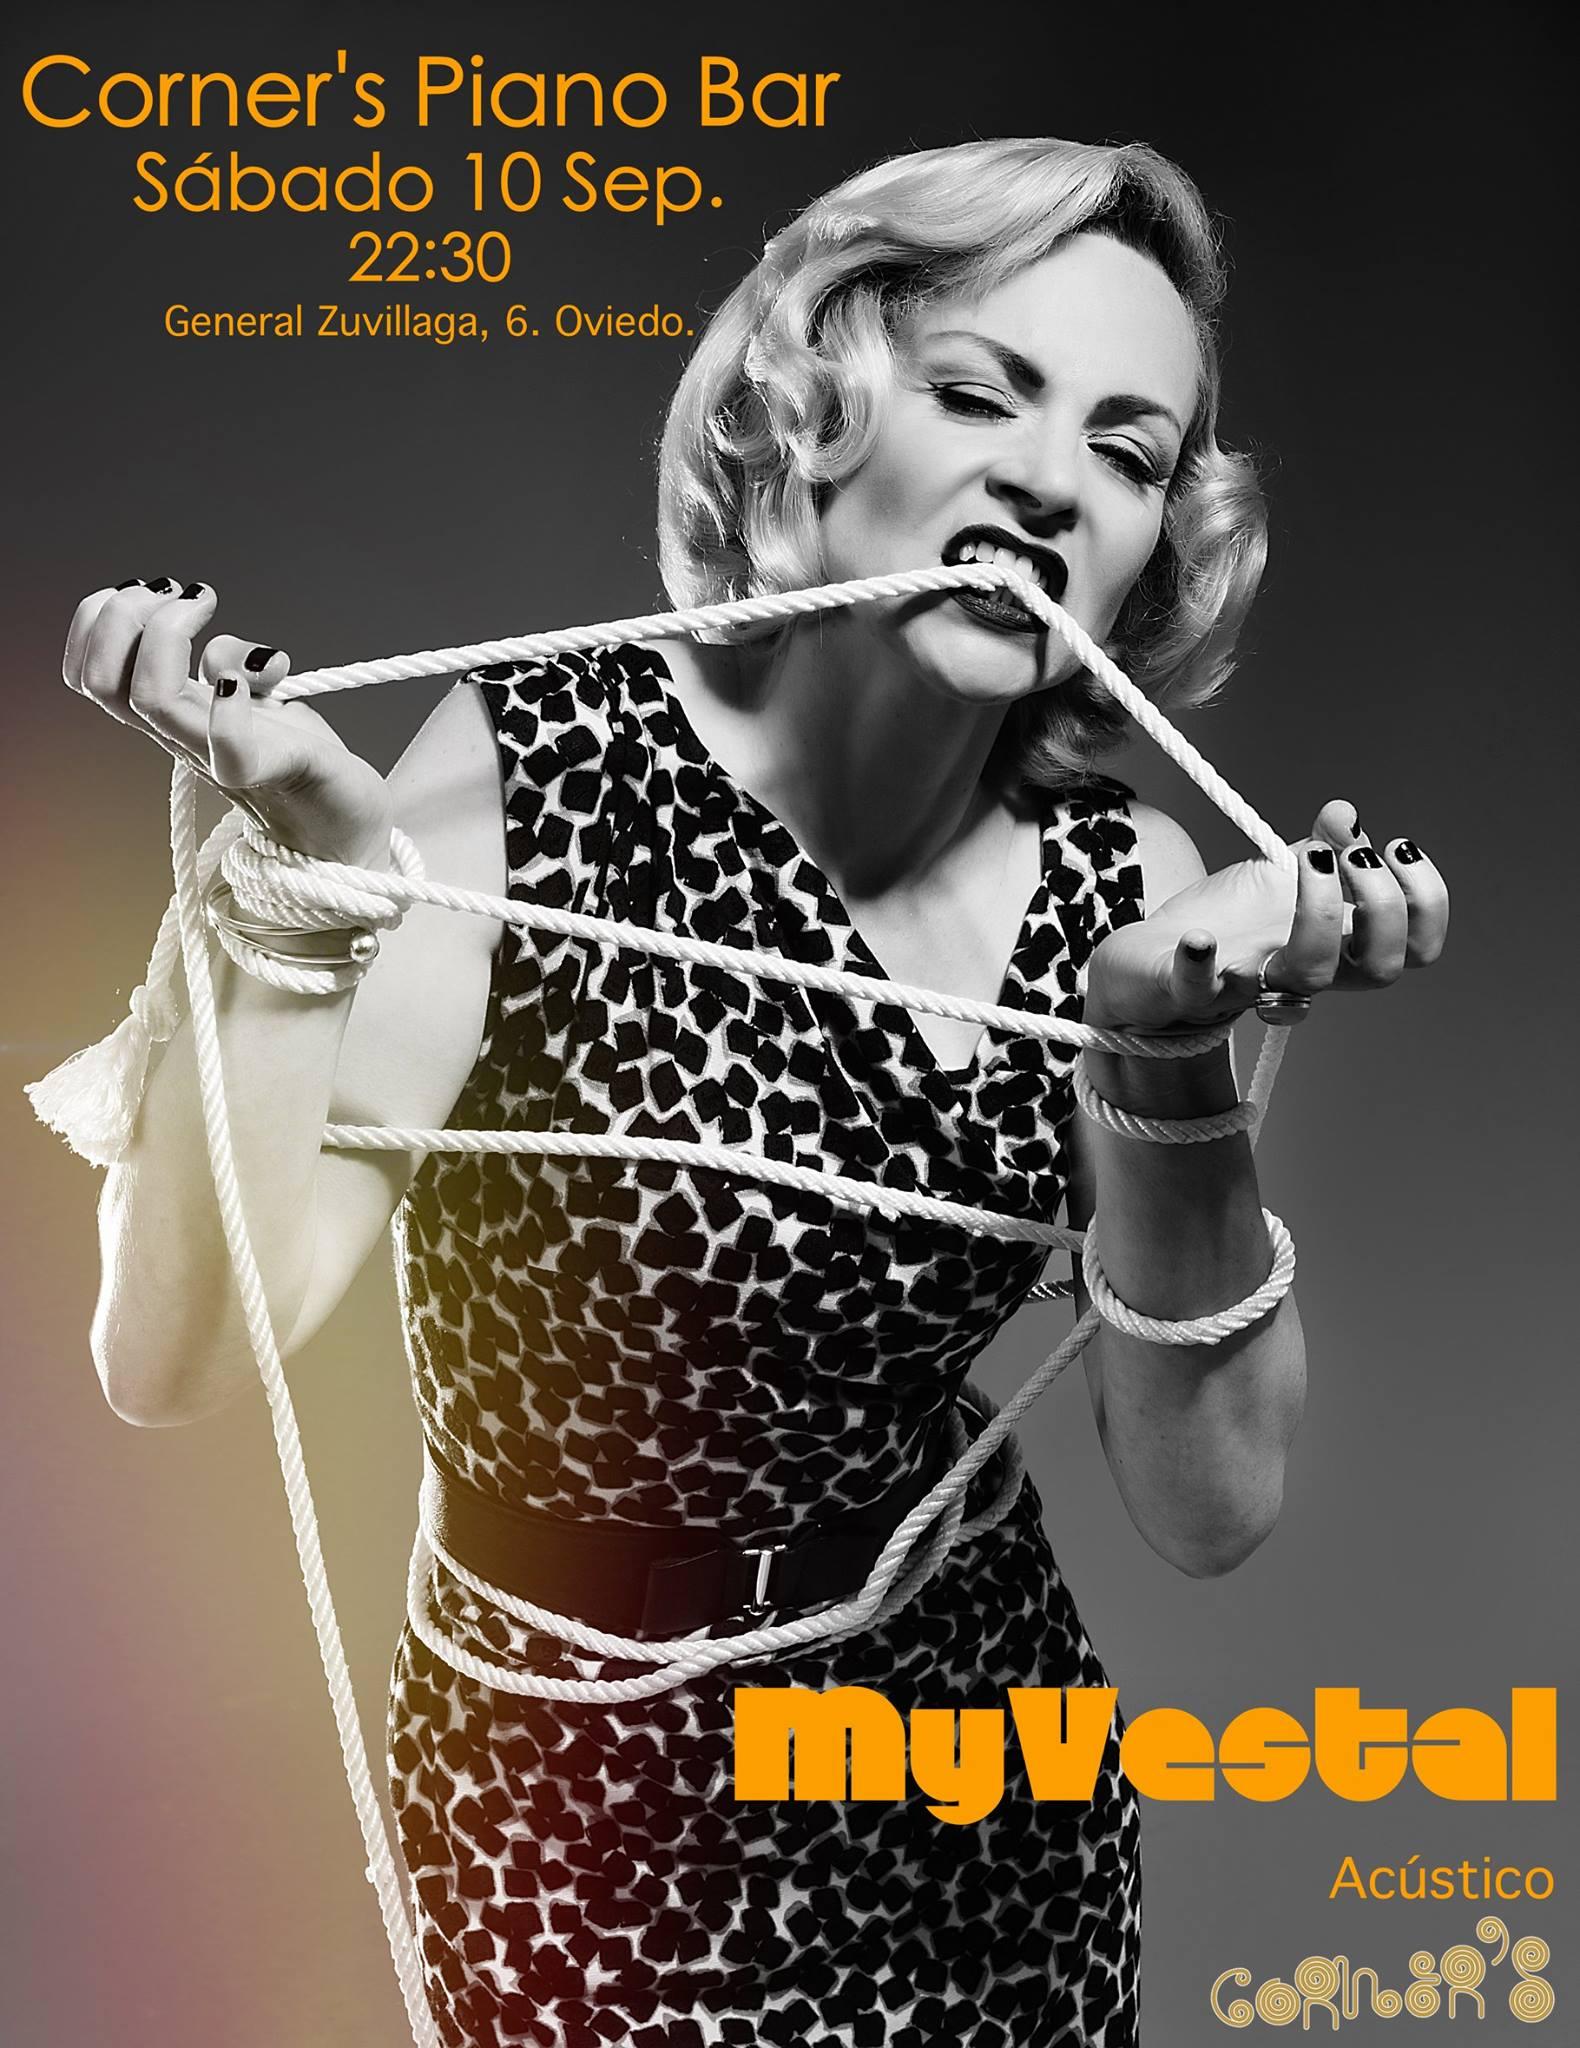 Concierto de MyVestal en Corner's Piano Bar